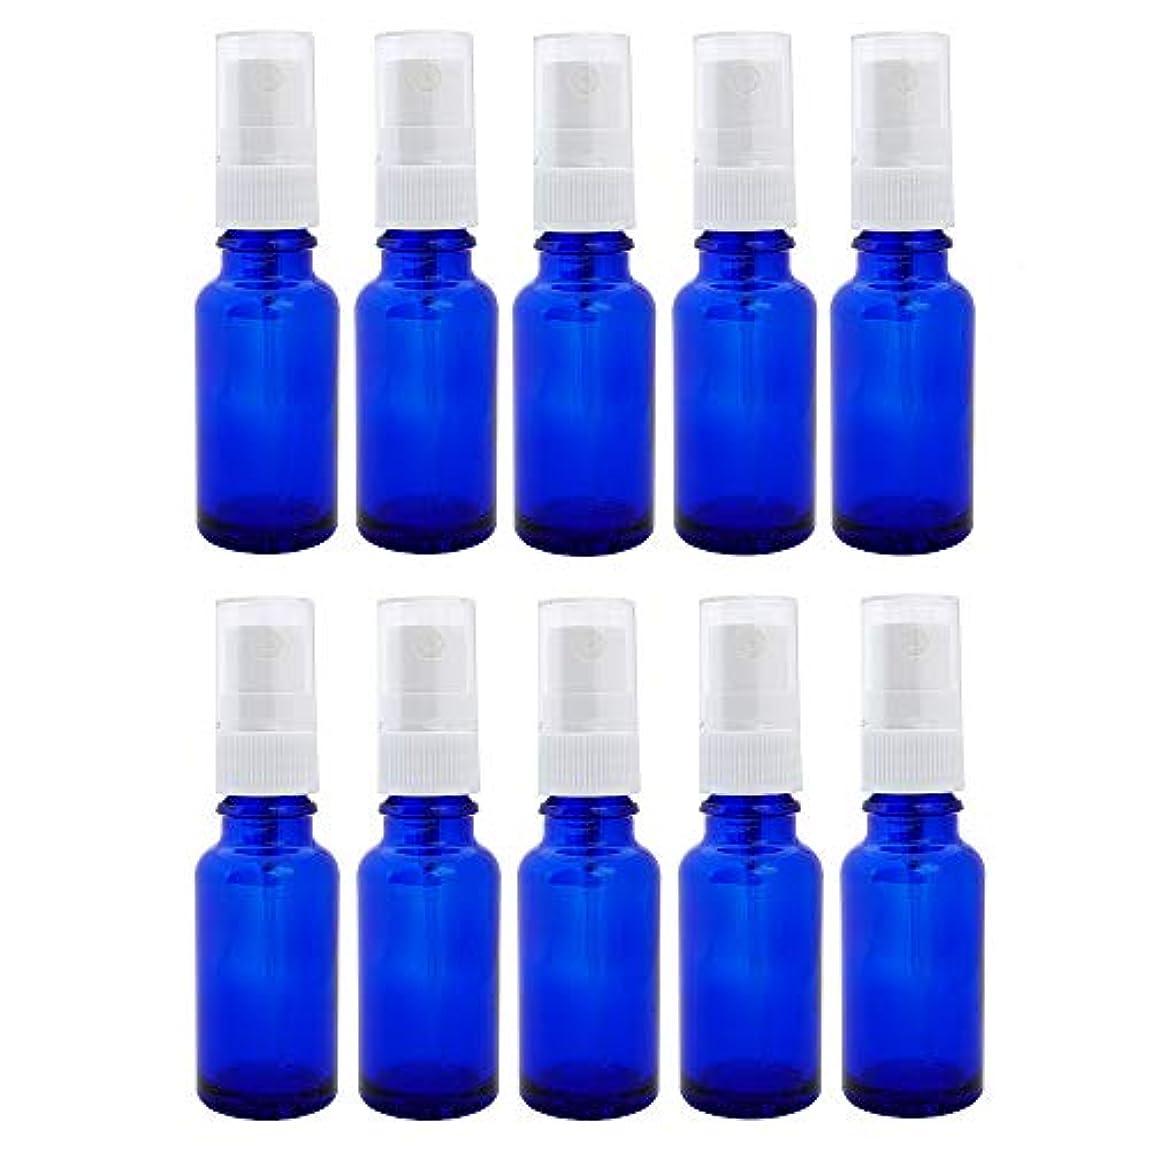 魅力辛いエンターテインメントスプレー遮光ビン 20ml 瓶 10本セット ブルー(スプレーノズル キャップ付)